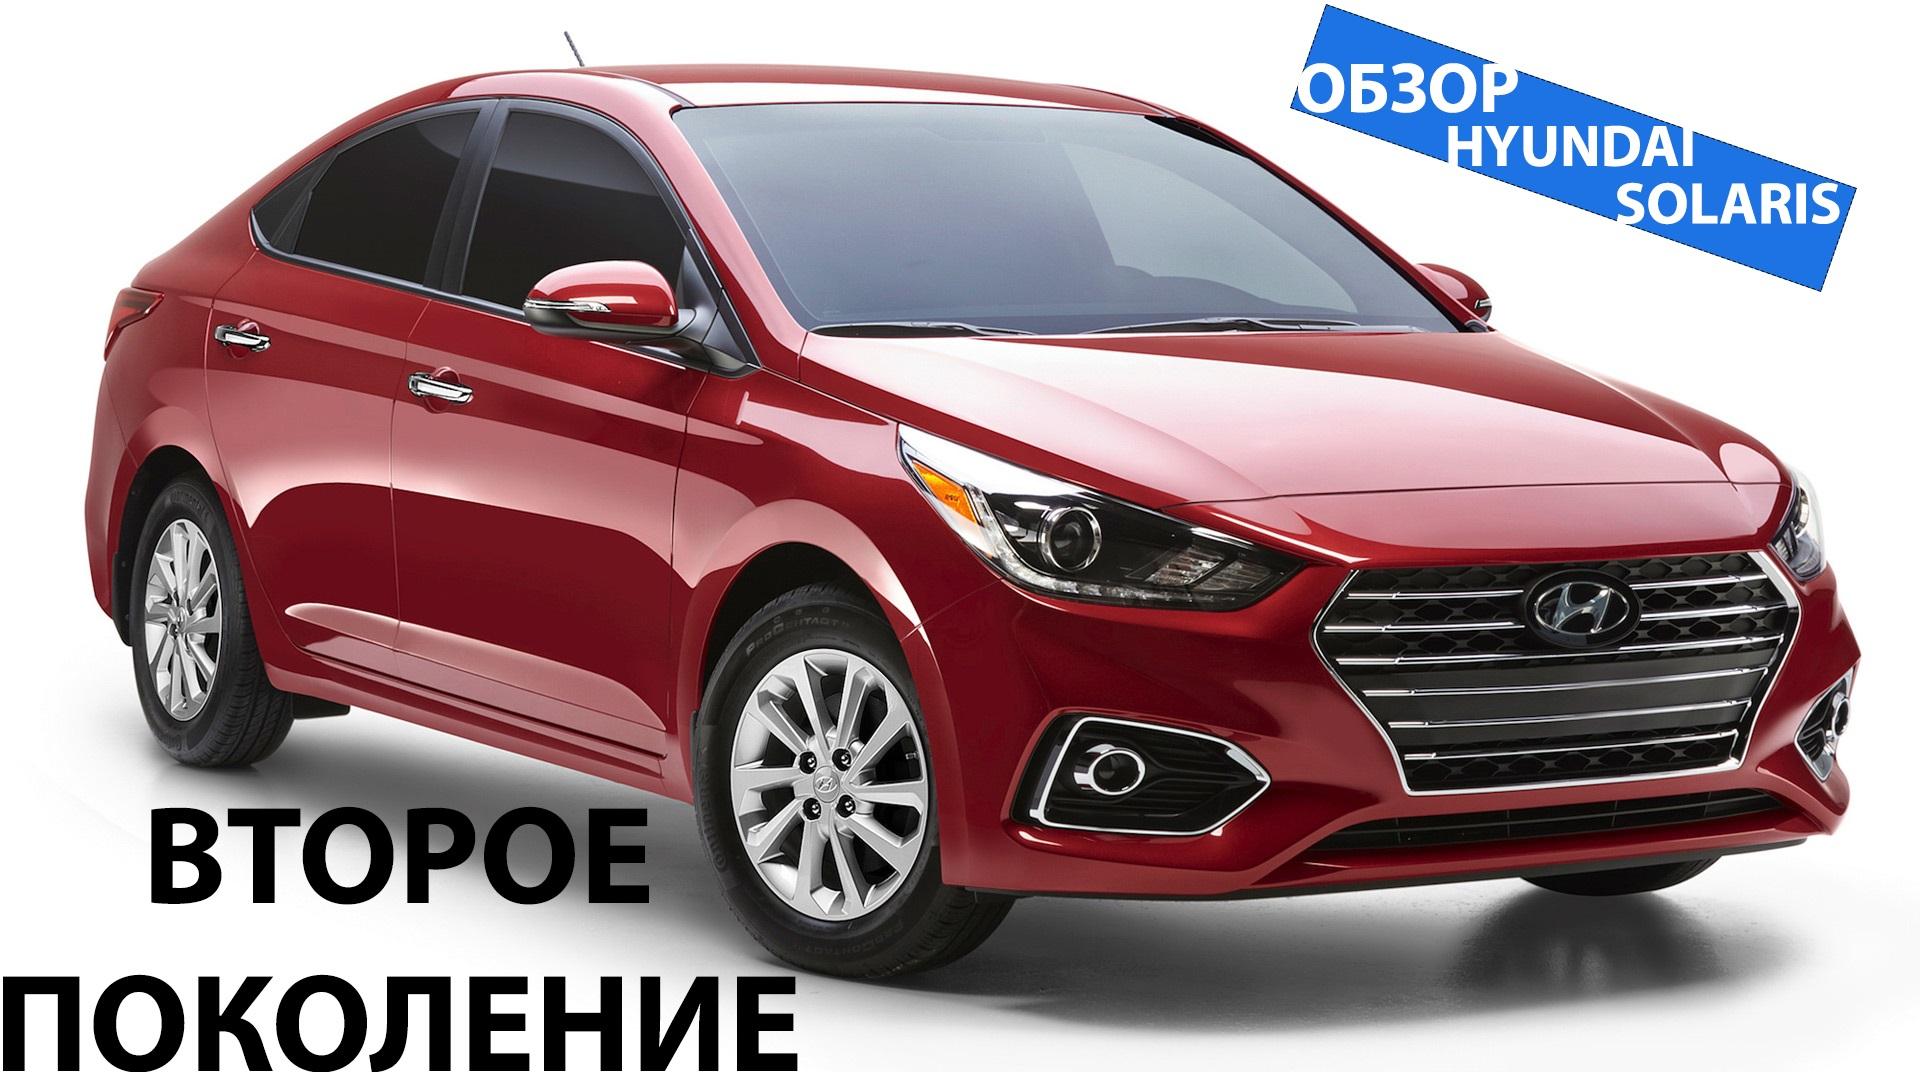 Hyundai Solaris Хэтчбек 2019-2020: тест-драйв, отзывы владельцев, видео, обзор